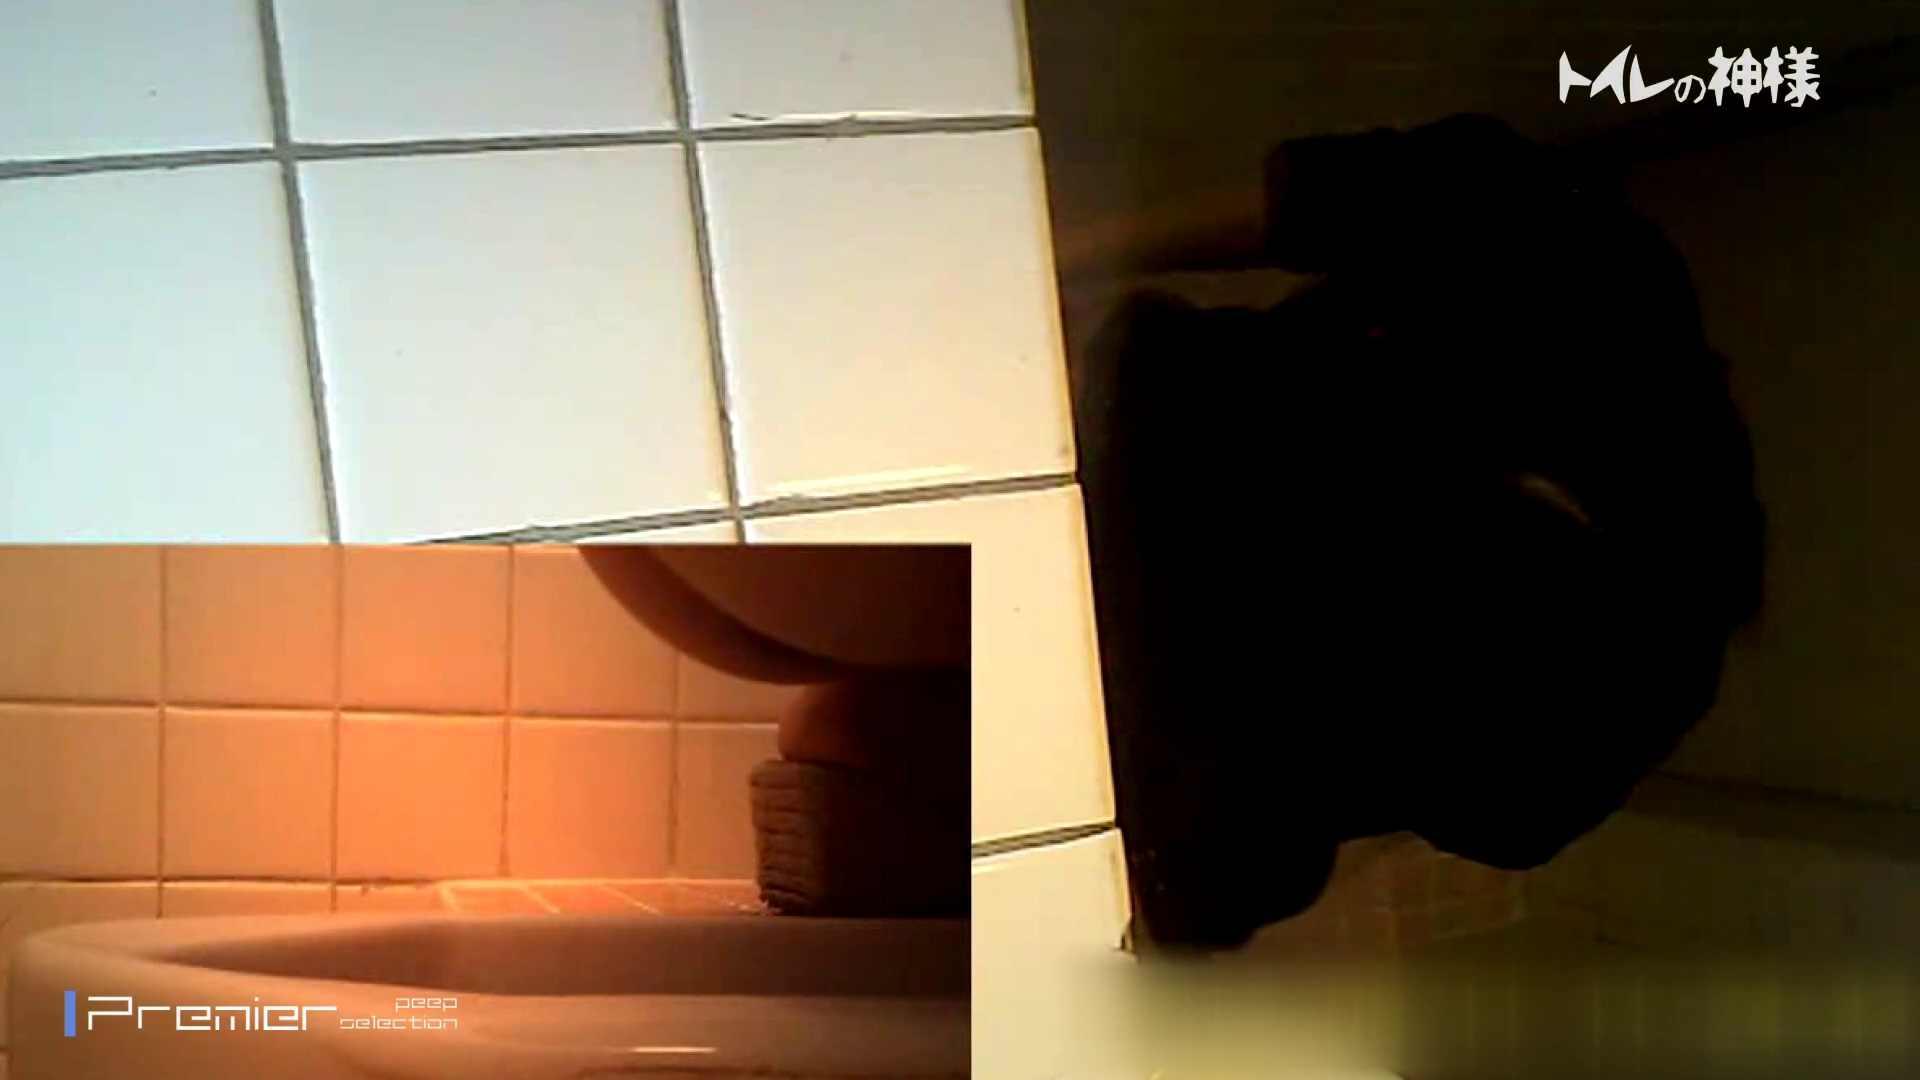 kyouko排泄 うんこをたくさん集めました。トイレの神様 Vol.14 OL   リアルすぎる排泄  83連発 23